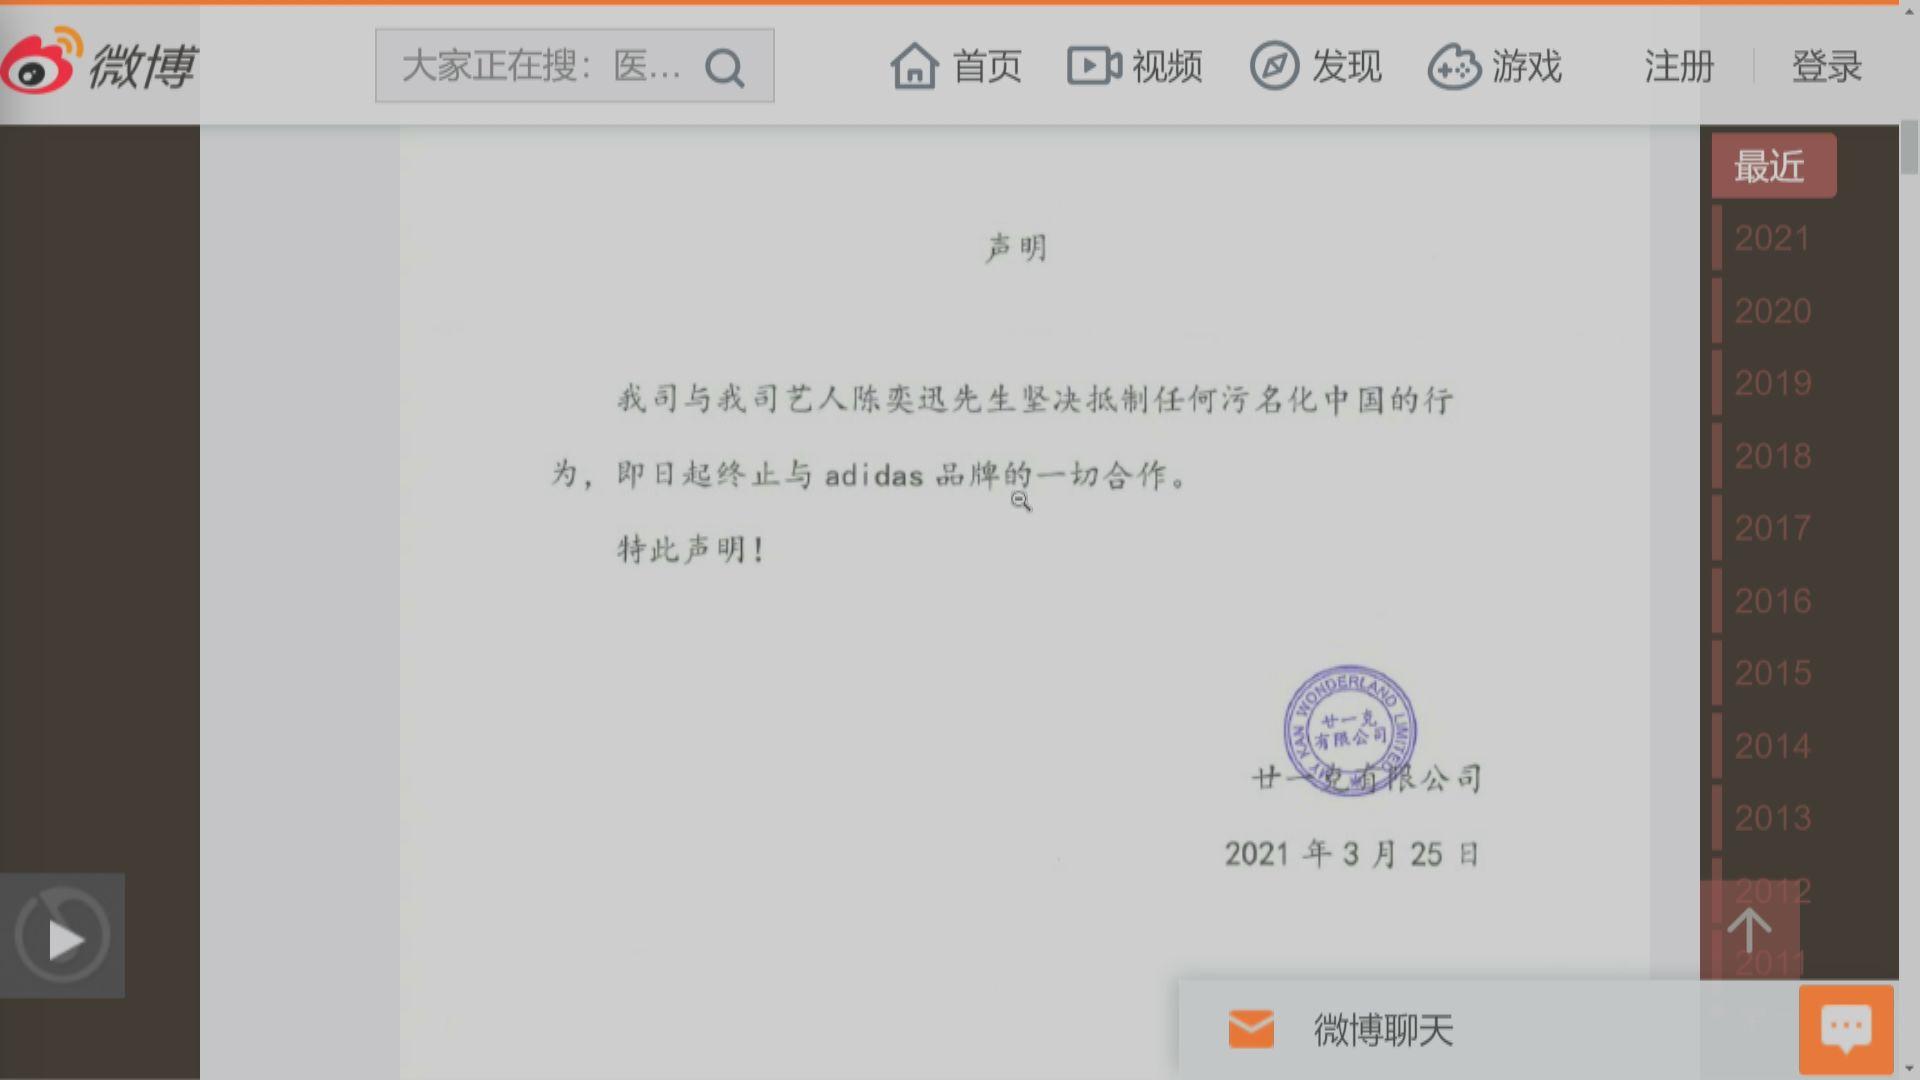 陳奕迅宣布終止與Adidas合作 指堅決抵制任何污名化中國行為